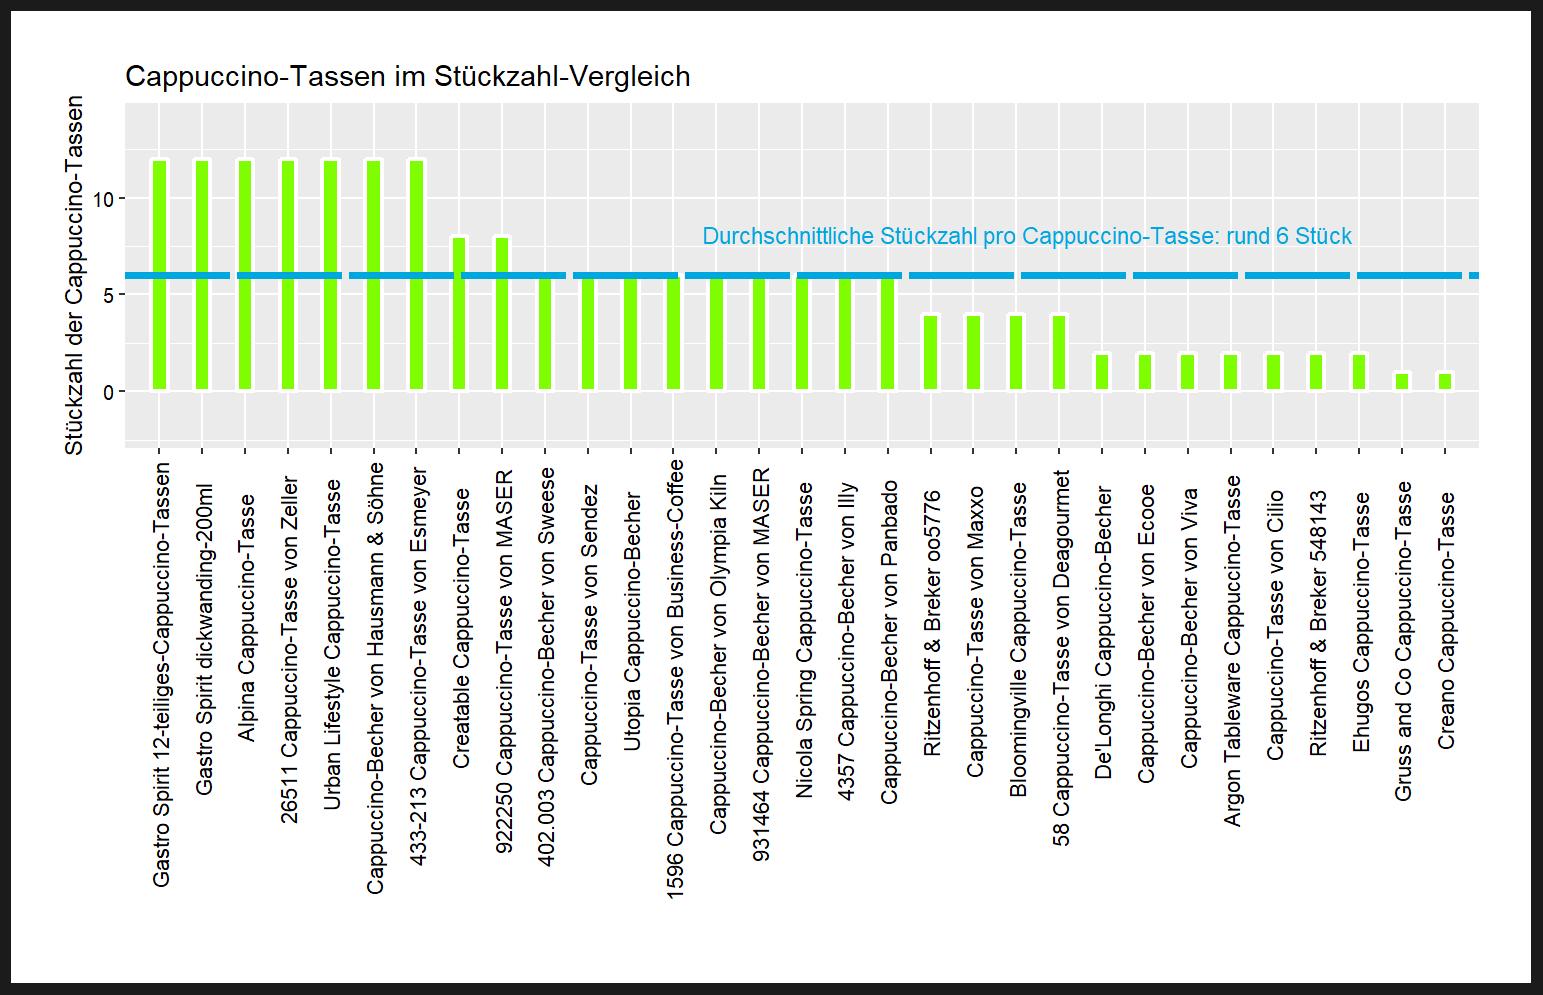 Stückzahl-Vergleich von dem Crofton Cappuccino-Becher